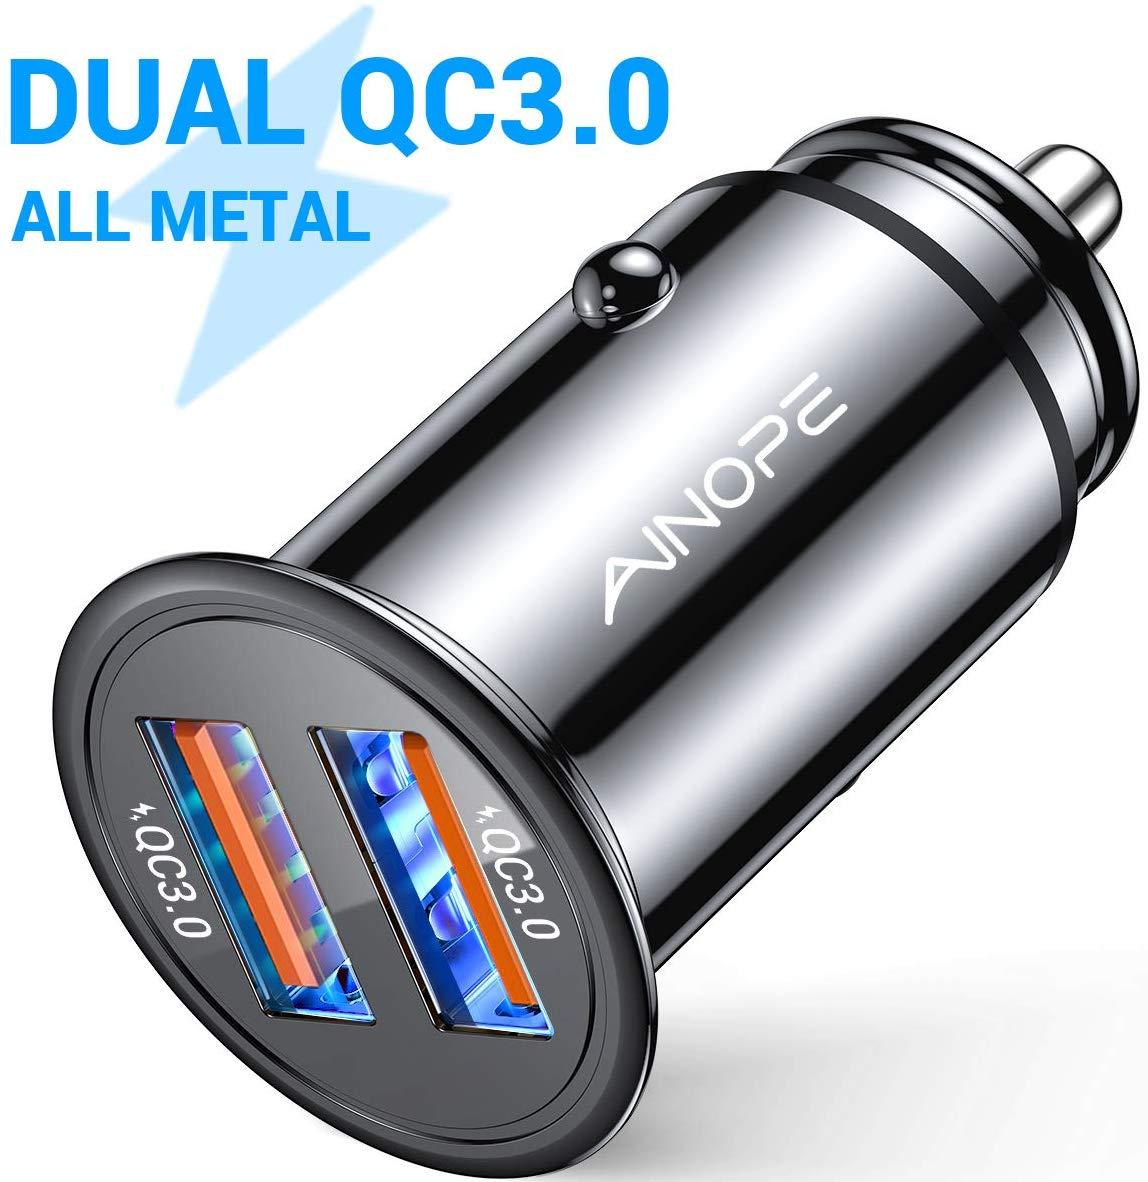 AINOPE mini metal dual QC3.0 USB car charger 36W/6A - $7.44 + FSSS